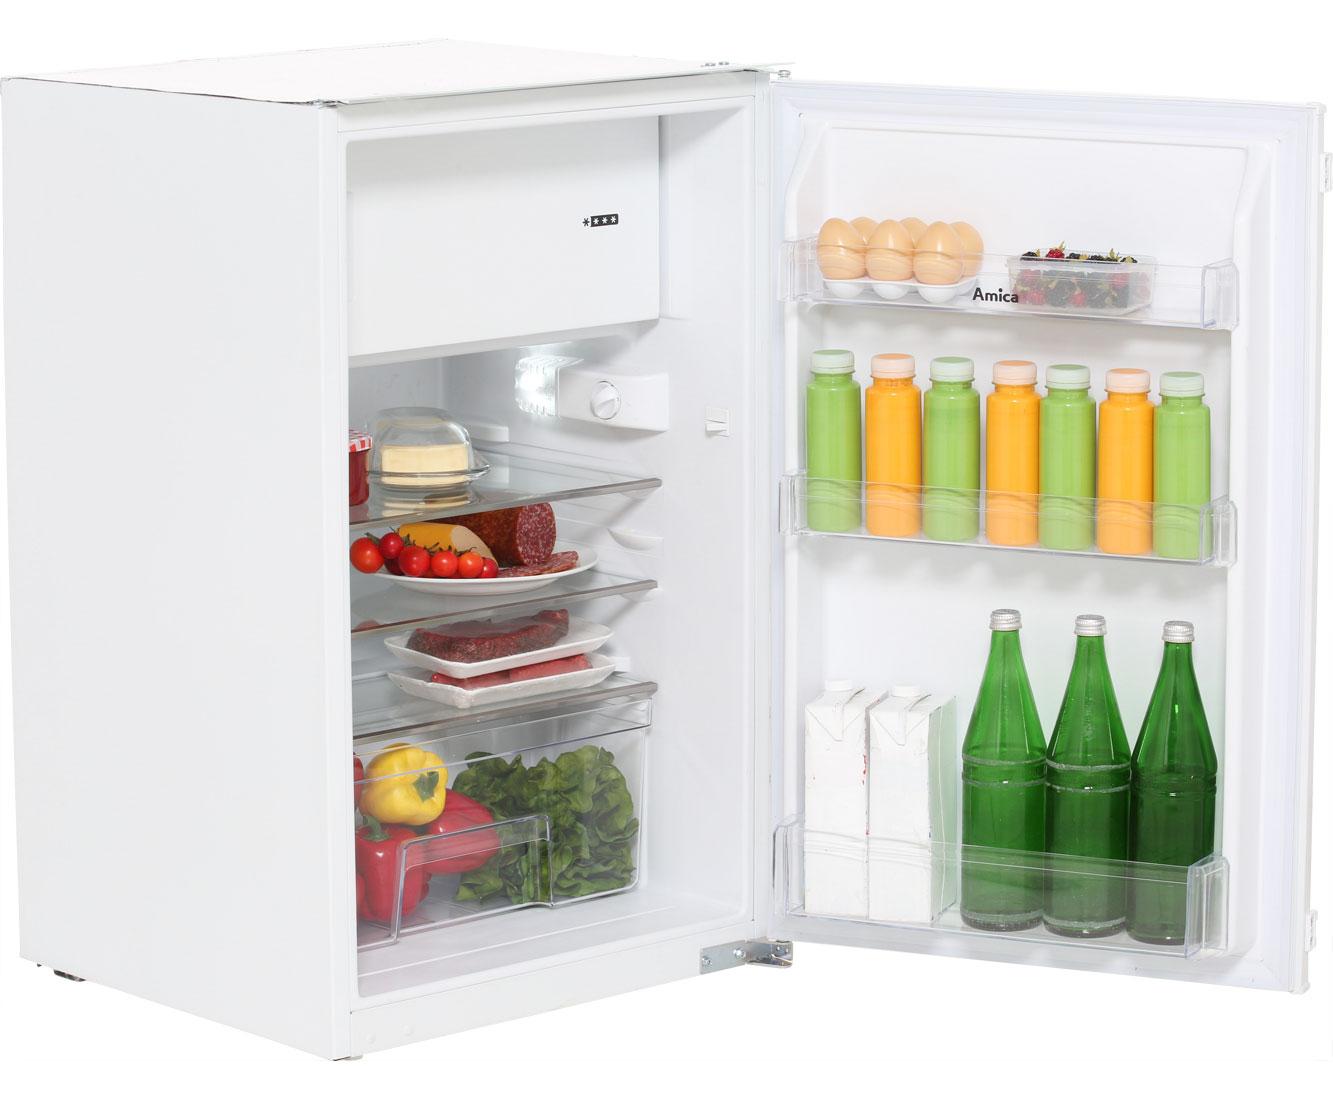 Bomann Kühlschrank Wasserablauf : Kleiner kühlschrank ok kleiner weinkühlschrank inspirierend tchibo